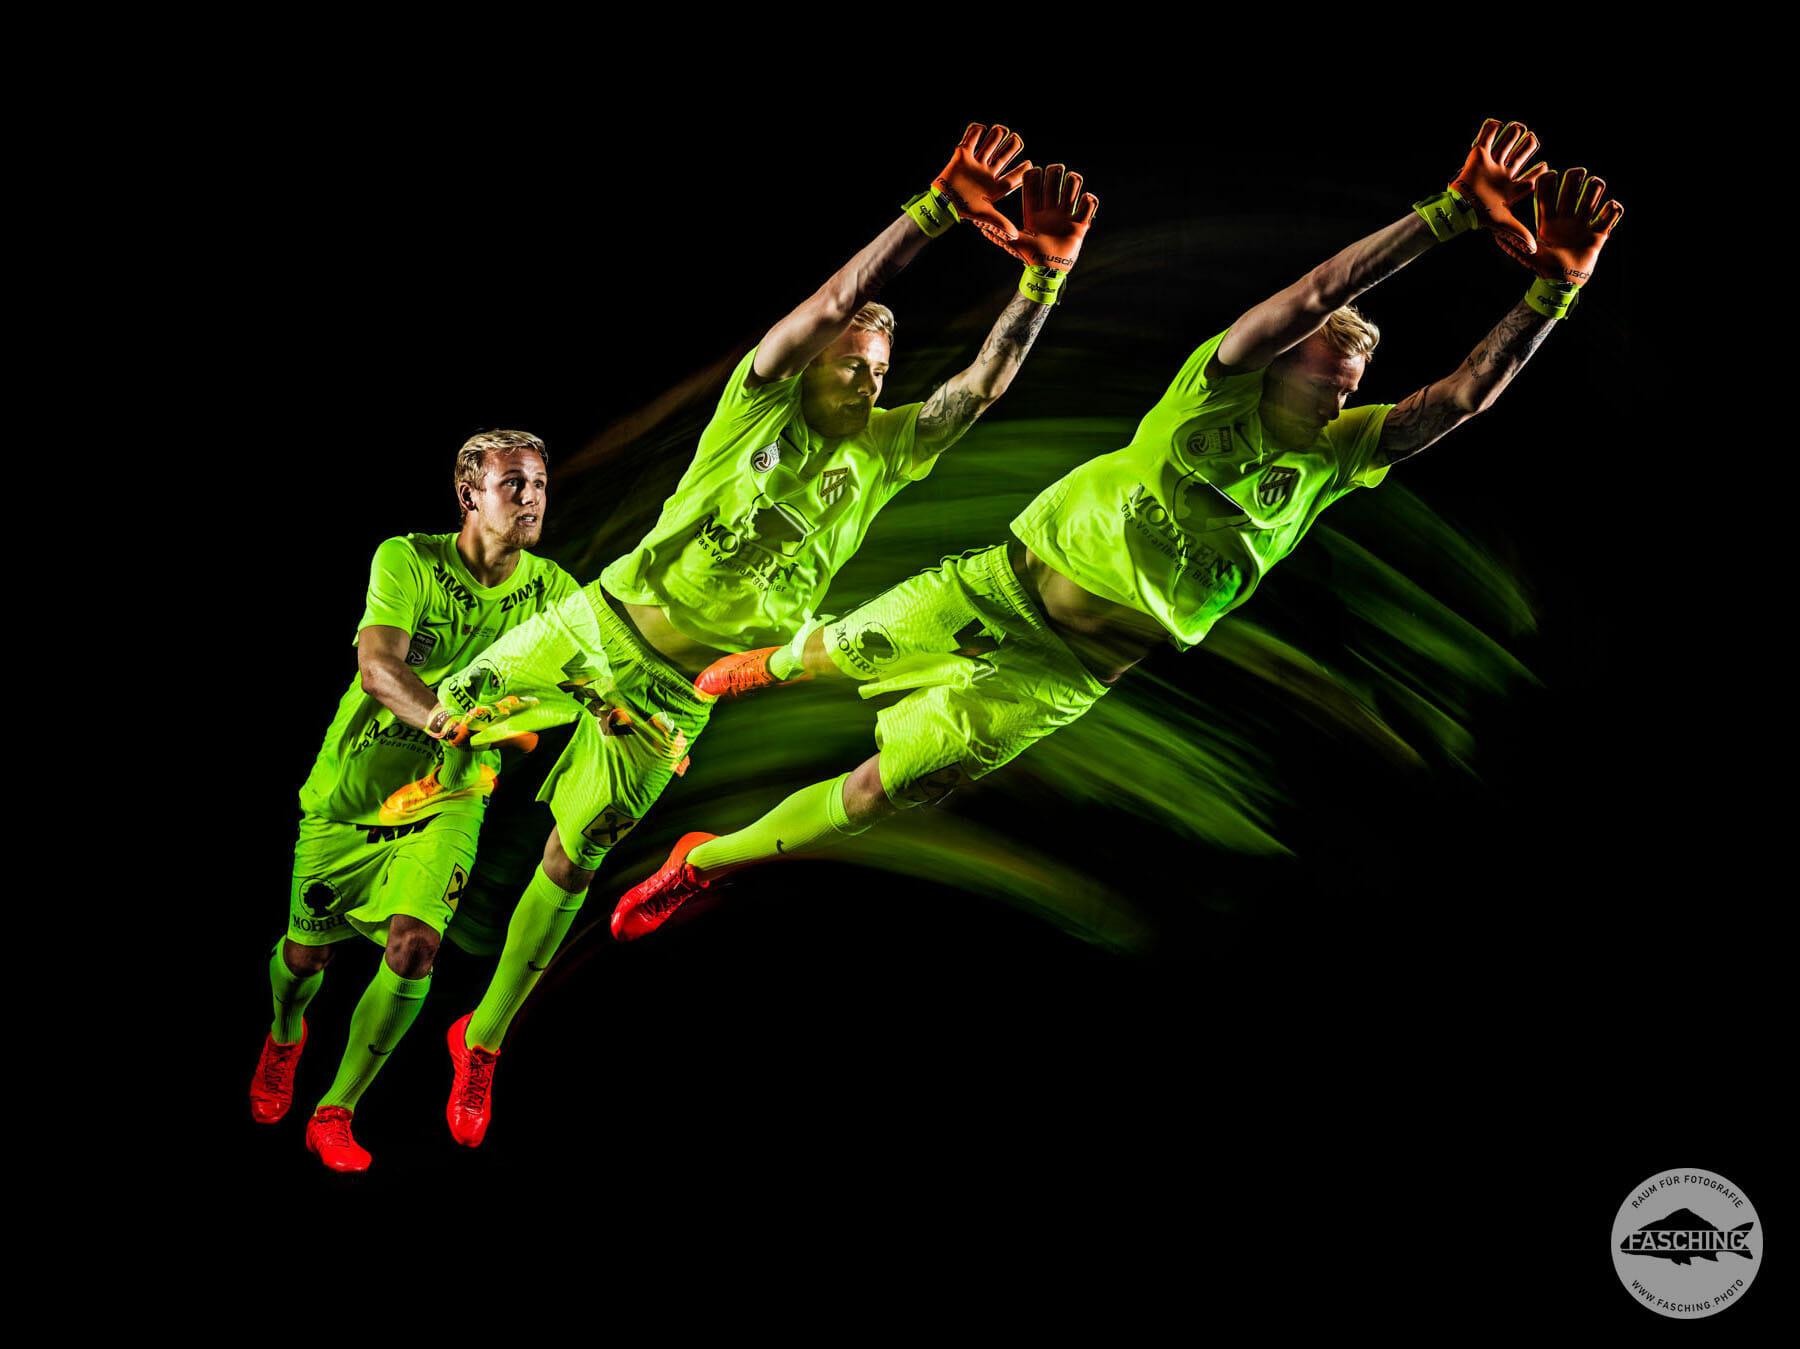 Die Bilder für die Autogrammkarten wurden von Sportfotograf Luca Fasching fotografiert